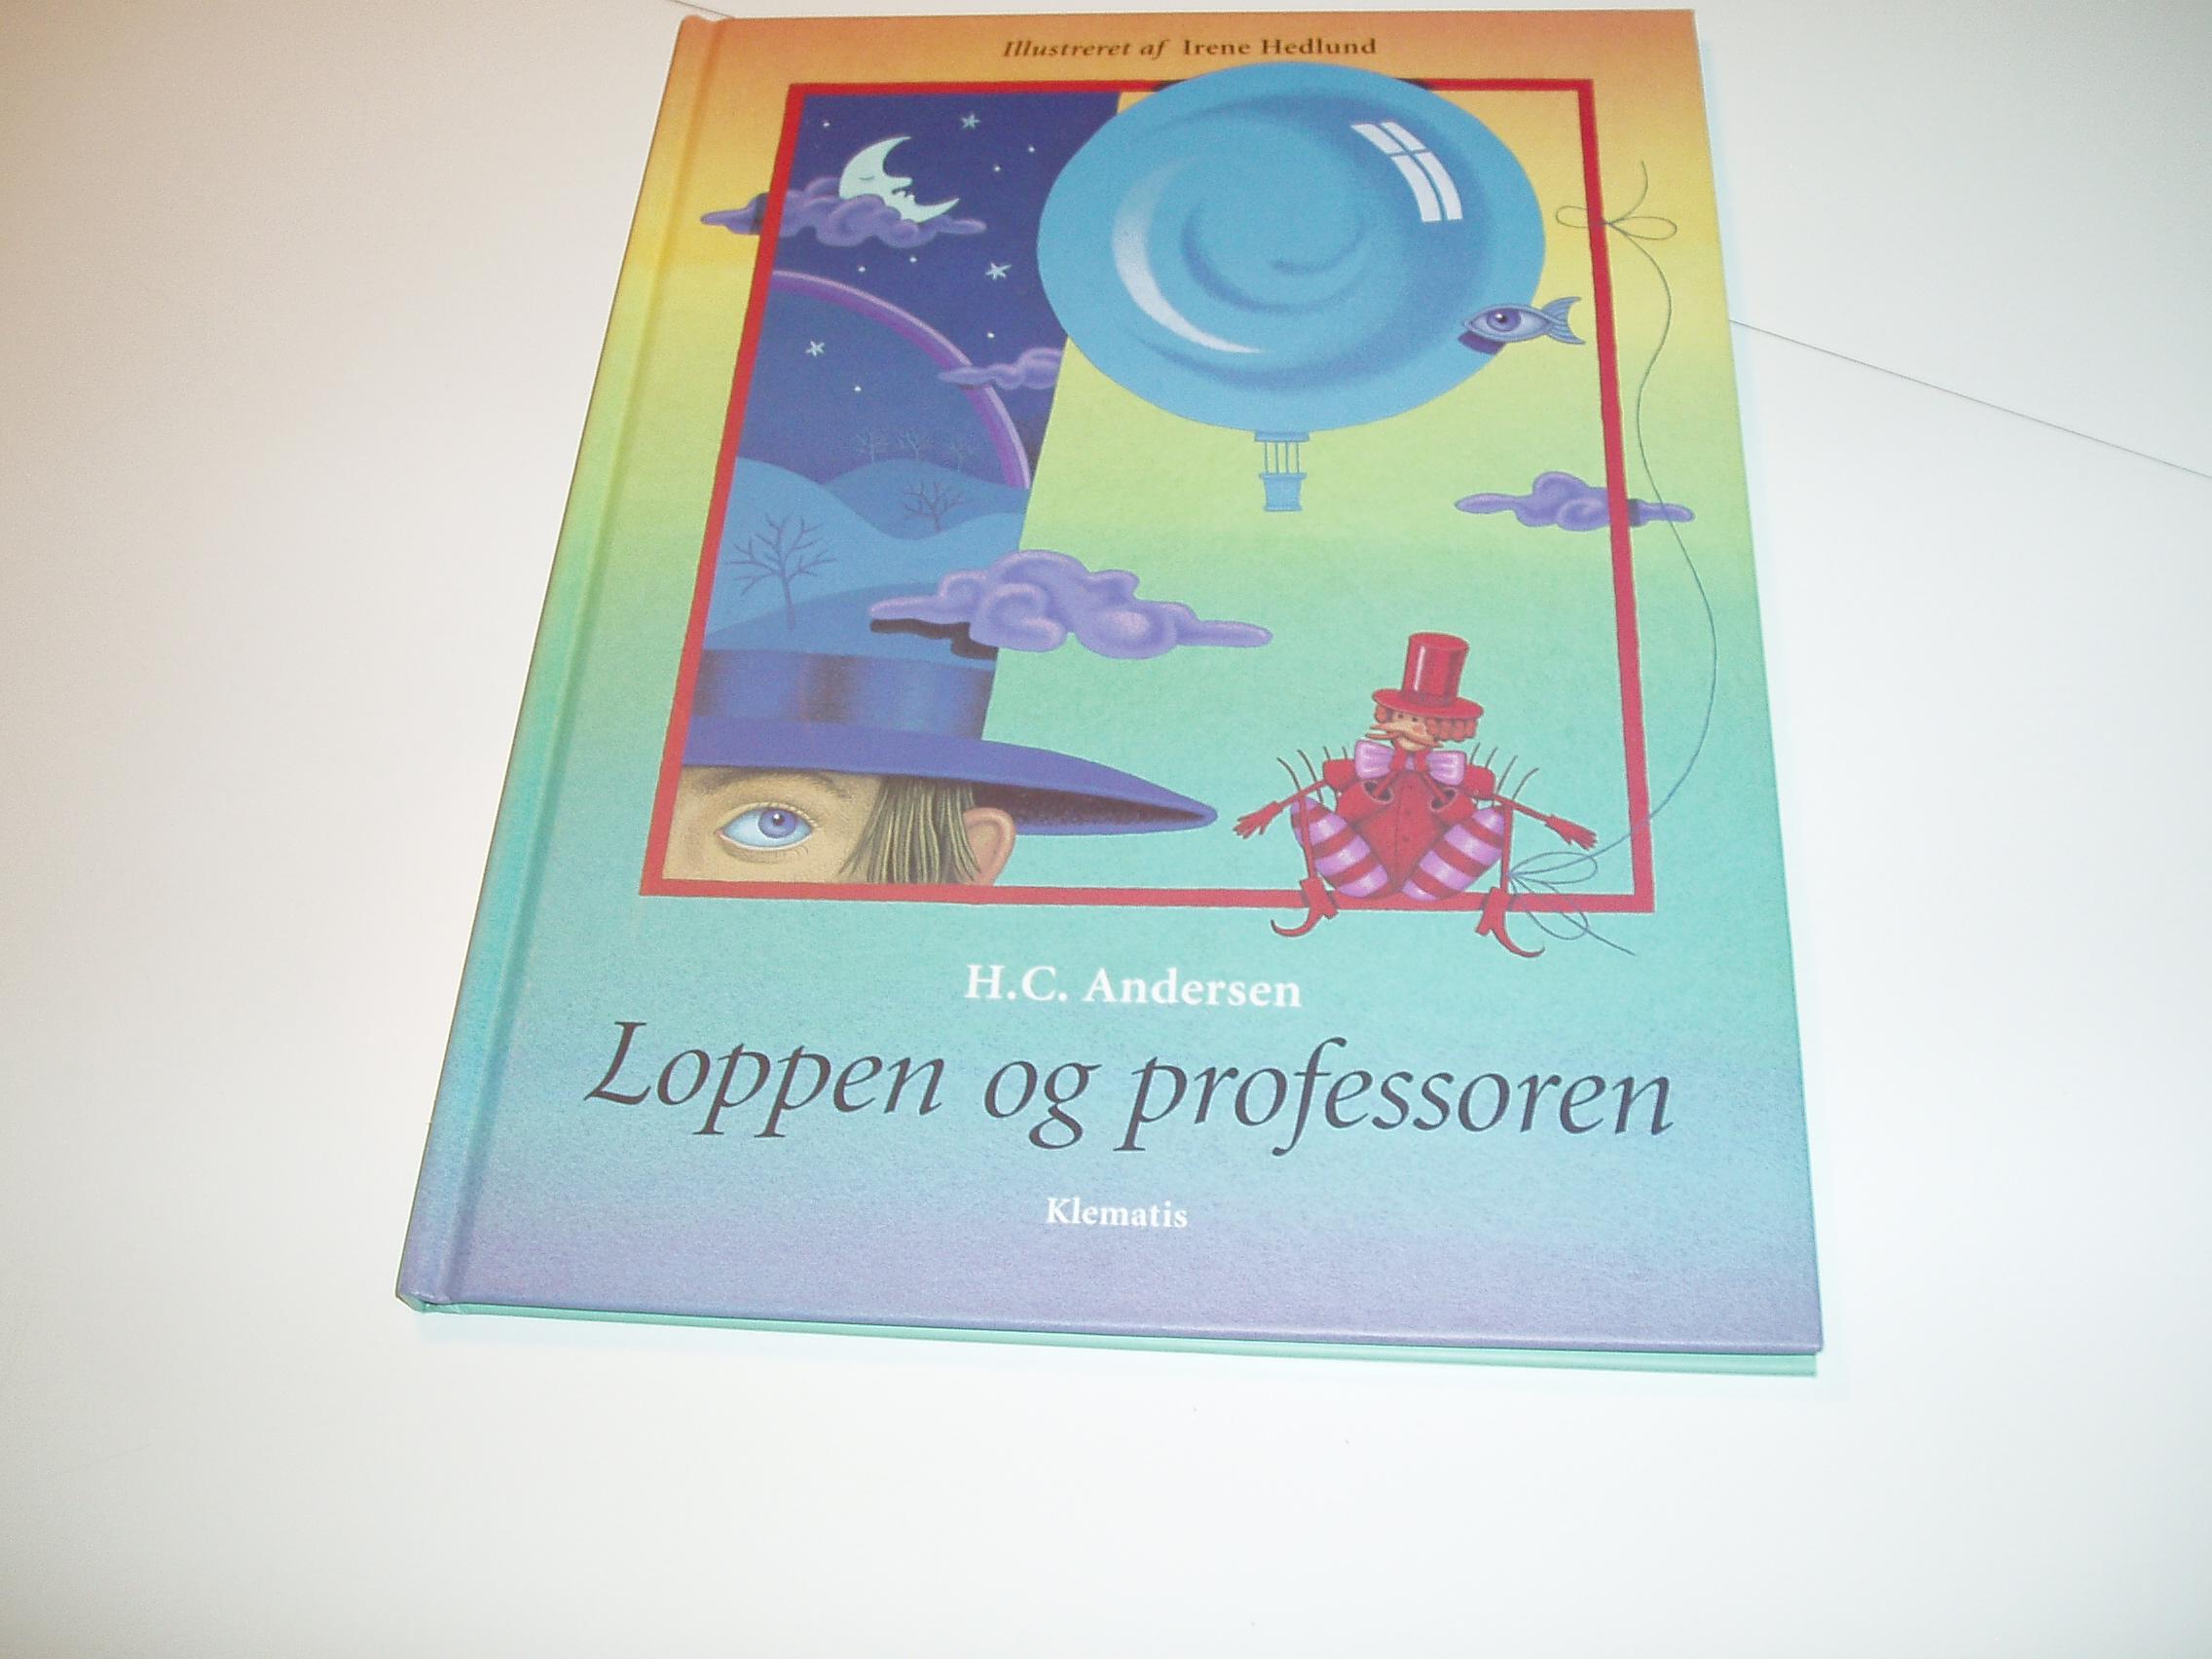 Loppen og professoren. Illustreret af Irene Hedlund